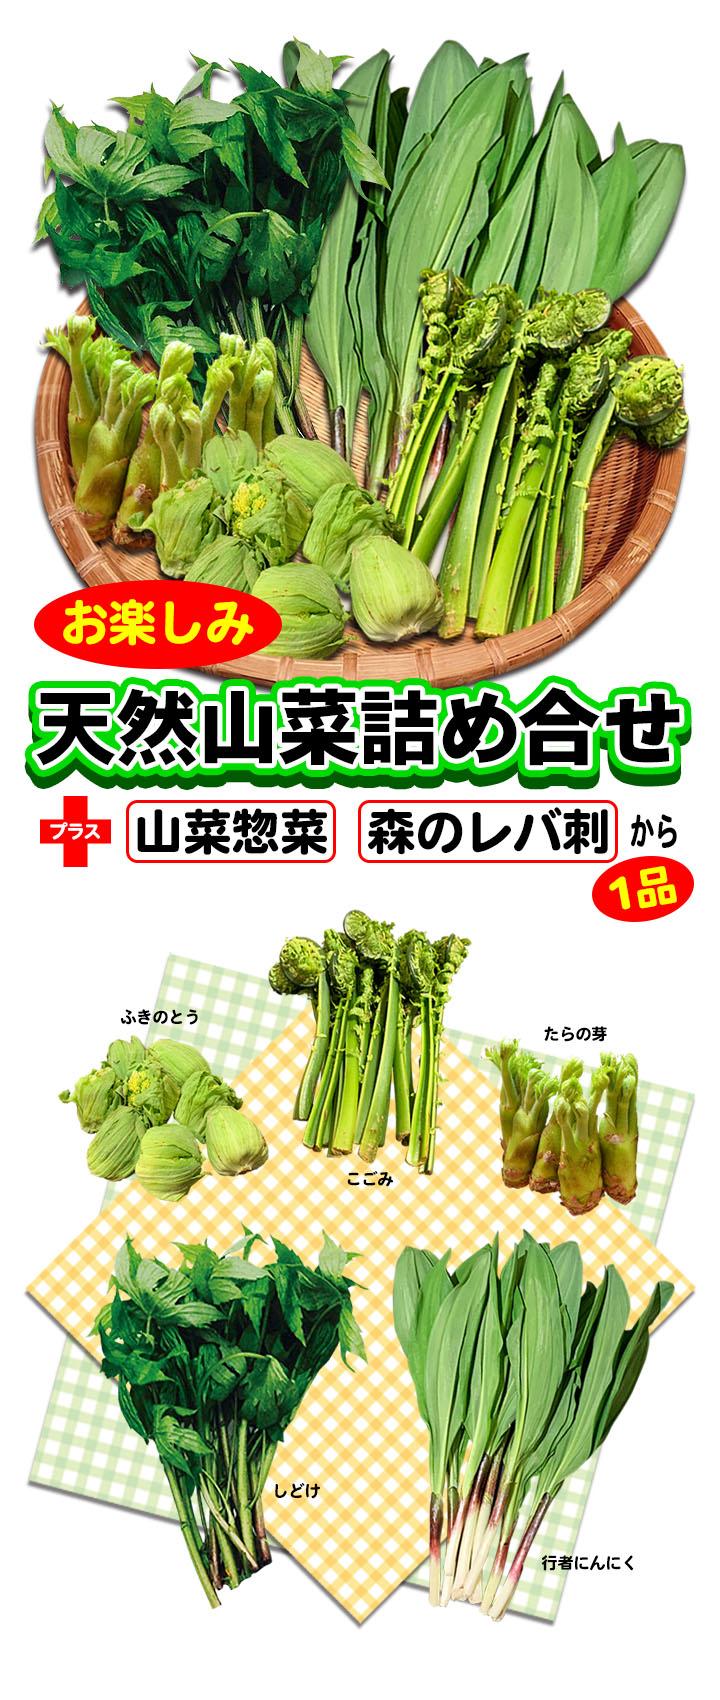 お楽しみ天然山菜セット